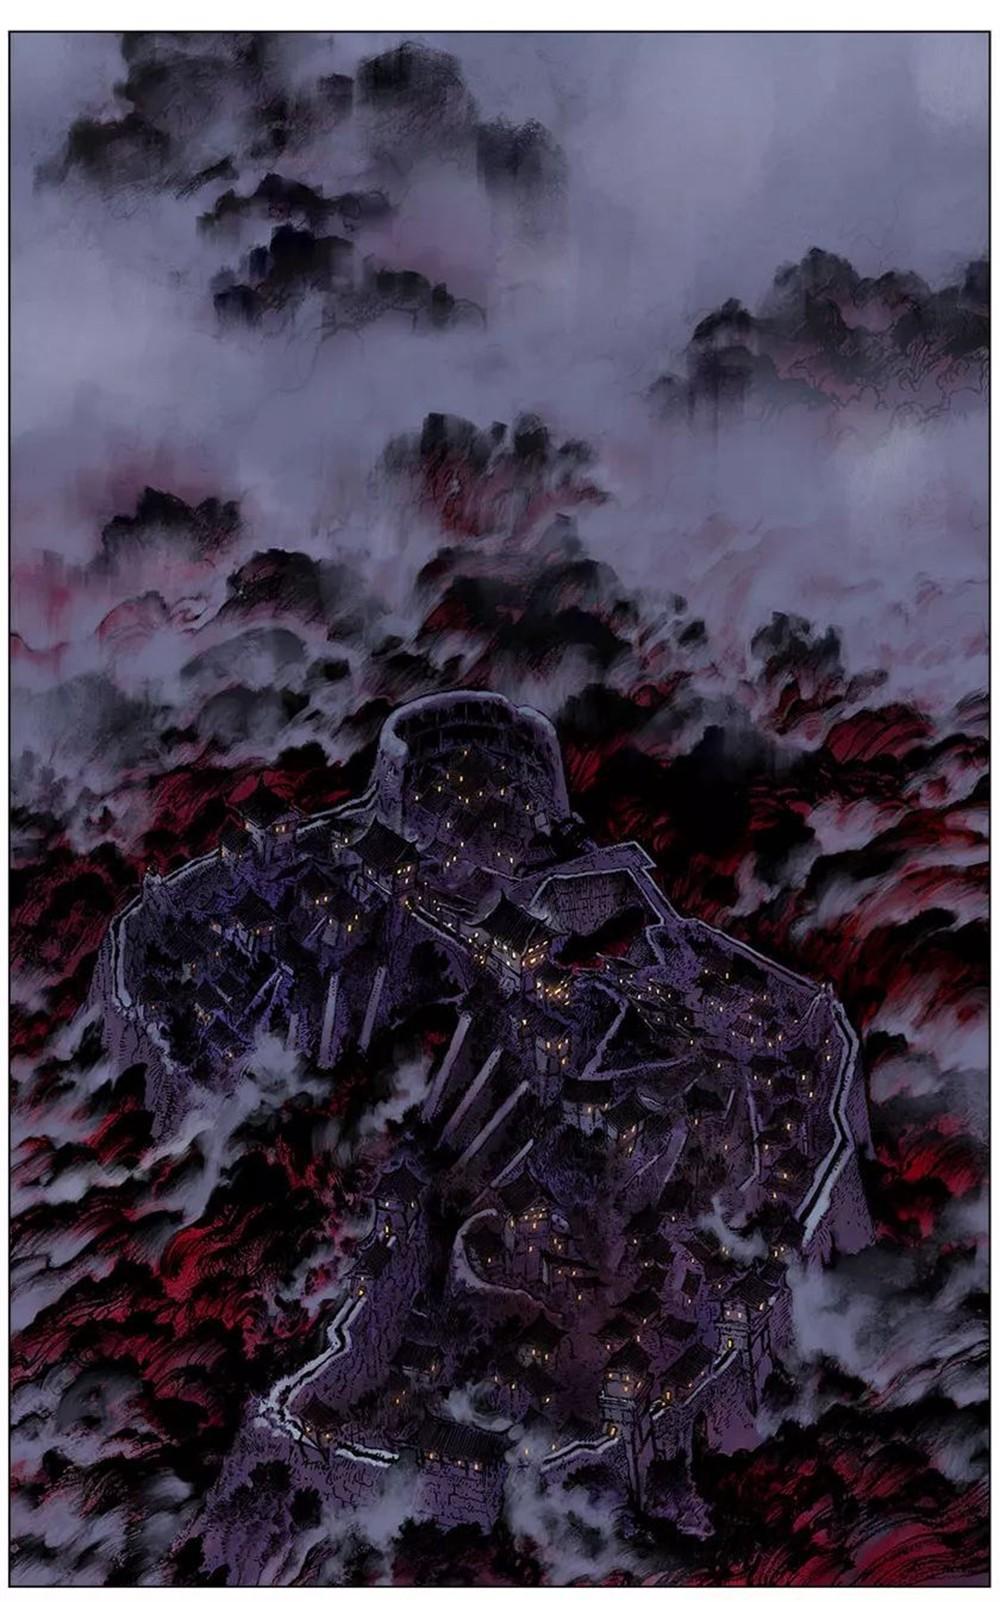 金龙头条 | 他用十年,磨砺出了锋芒毕露的《山海戮》 原创专区-第6张